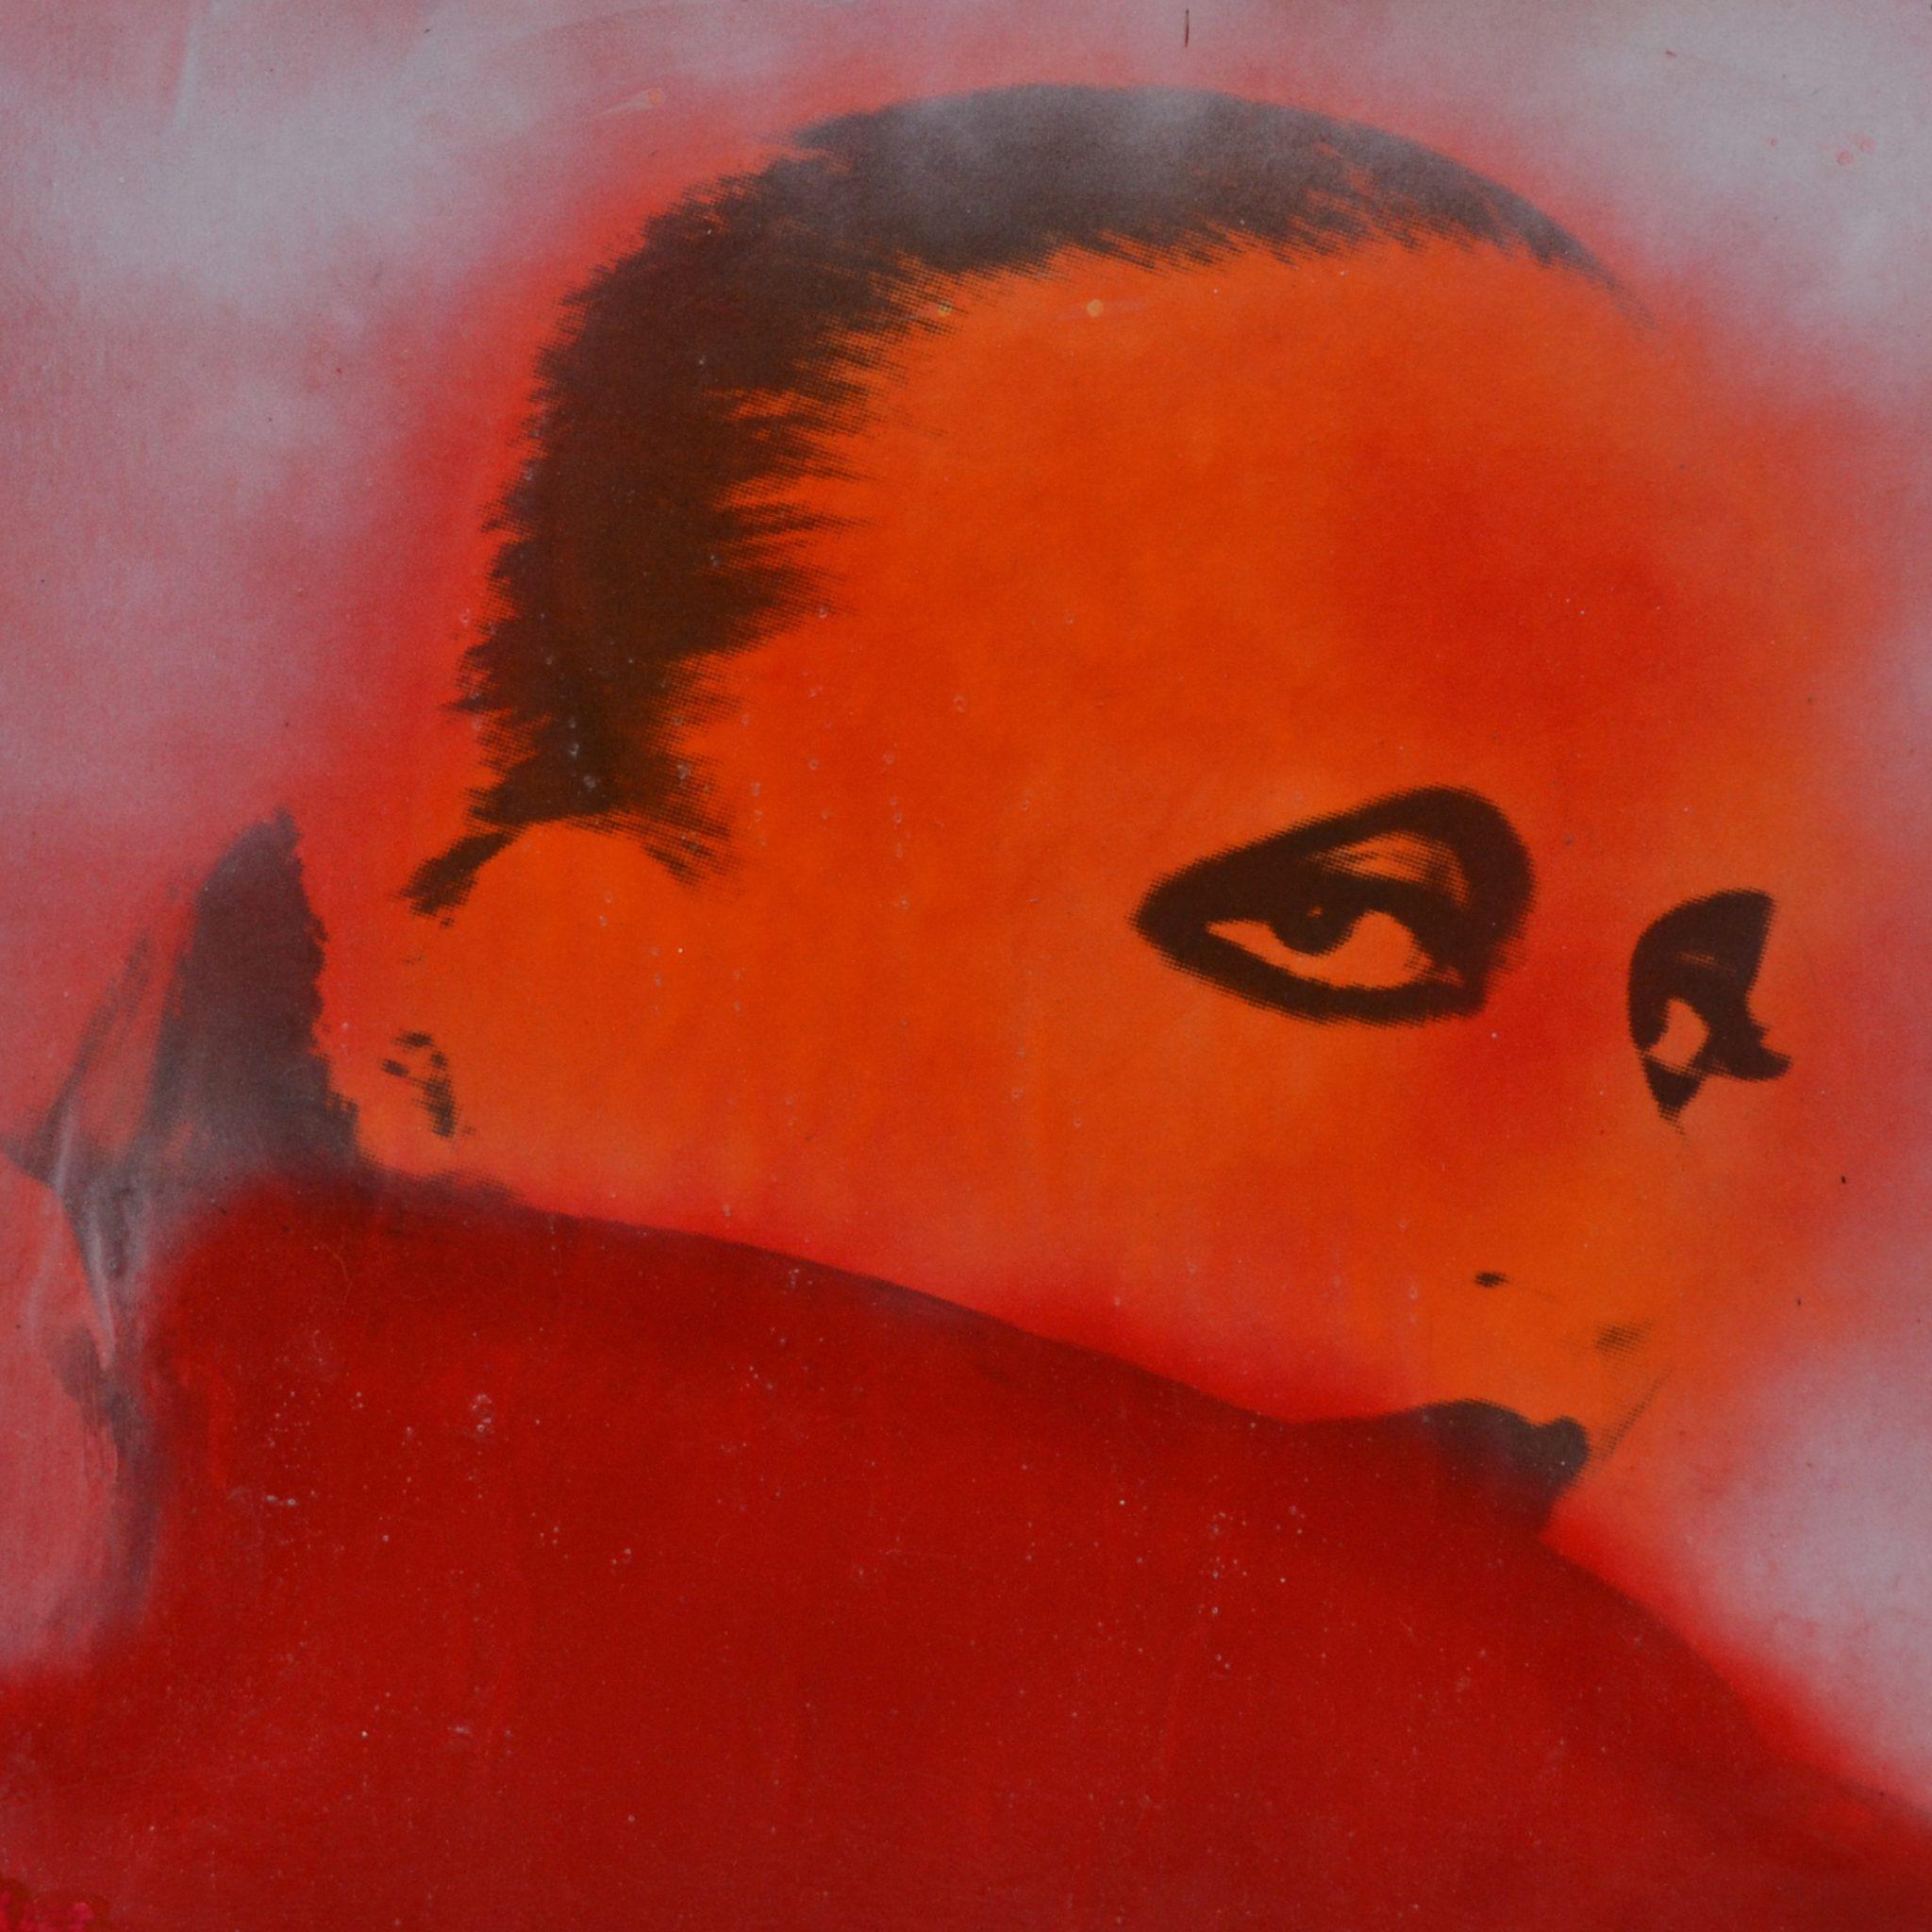 Mina interpreta l'arte, una mostra a Bologna